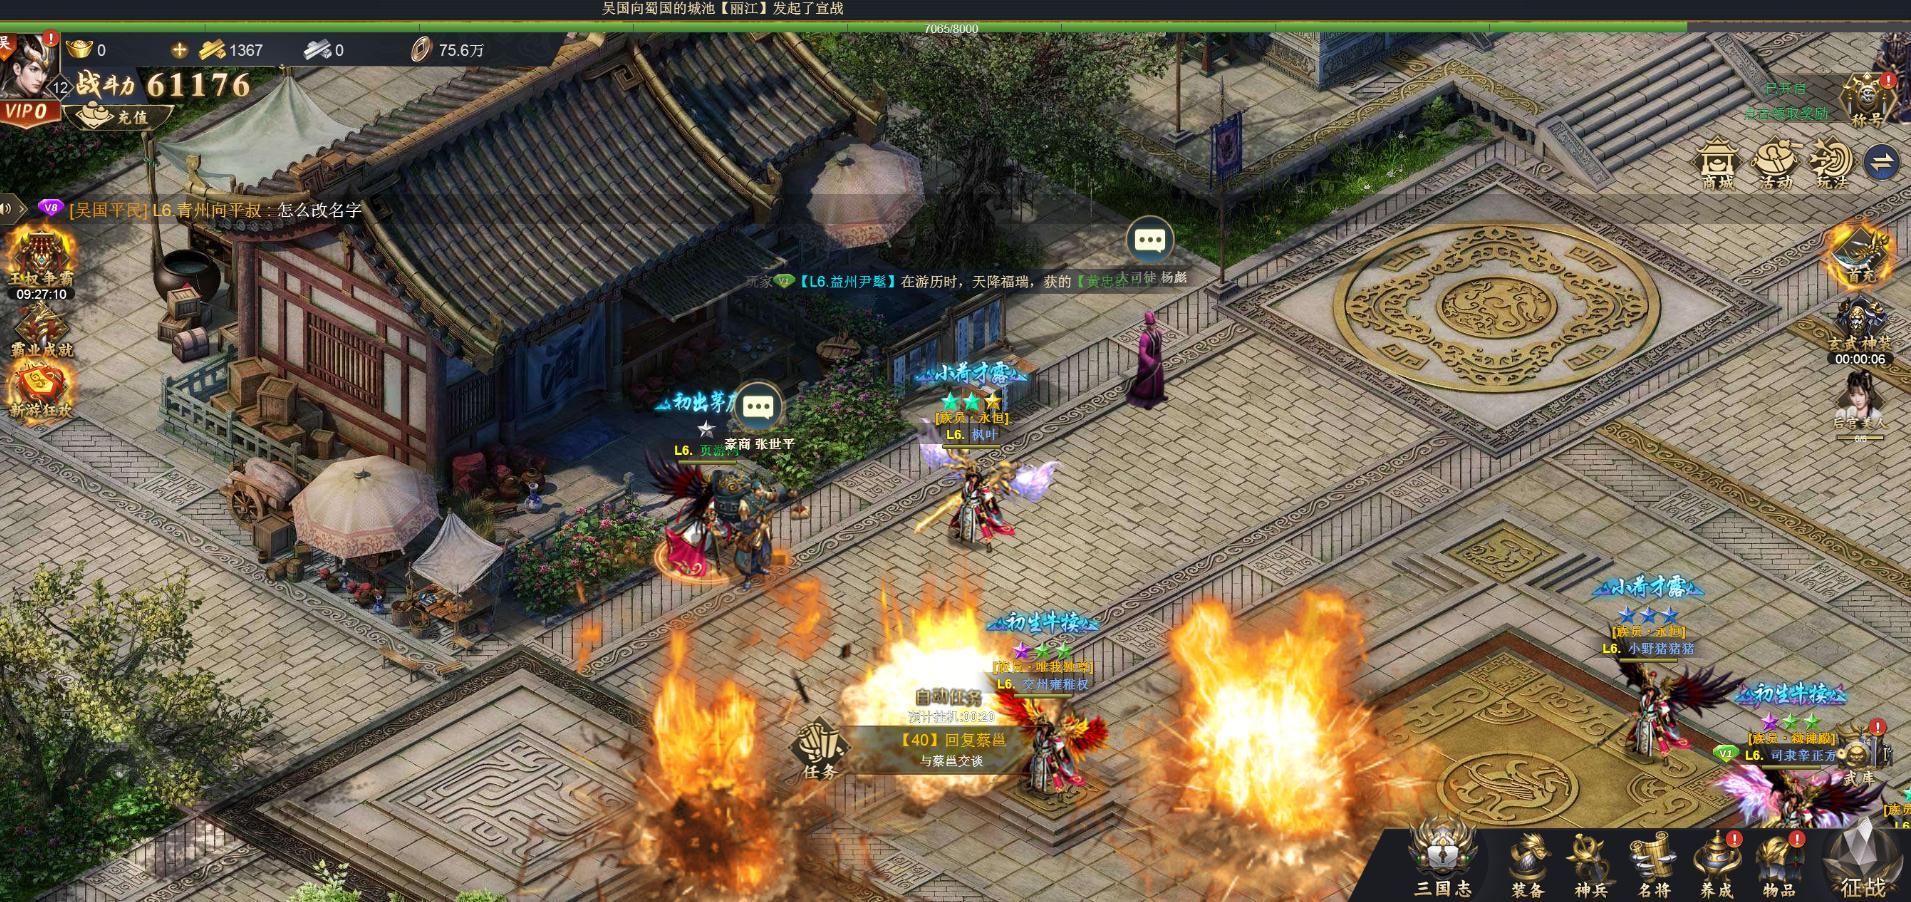 《御天传奇H5》游戏截图